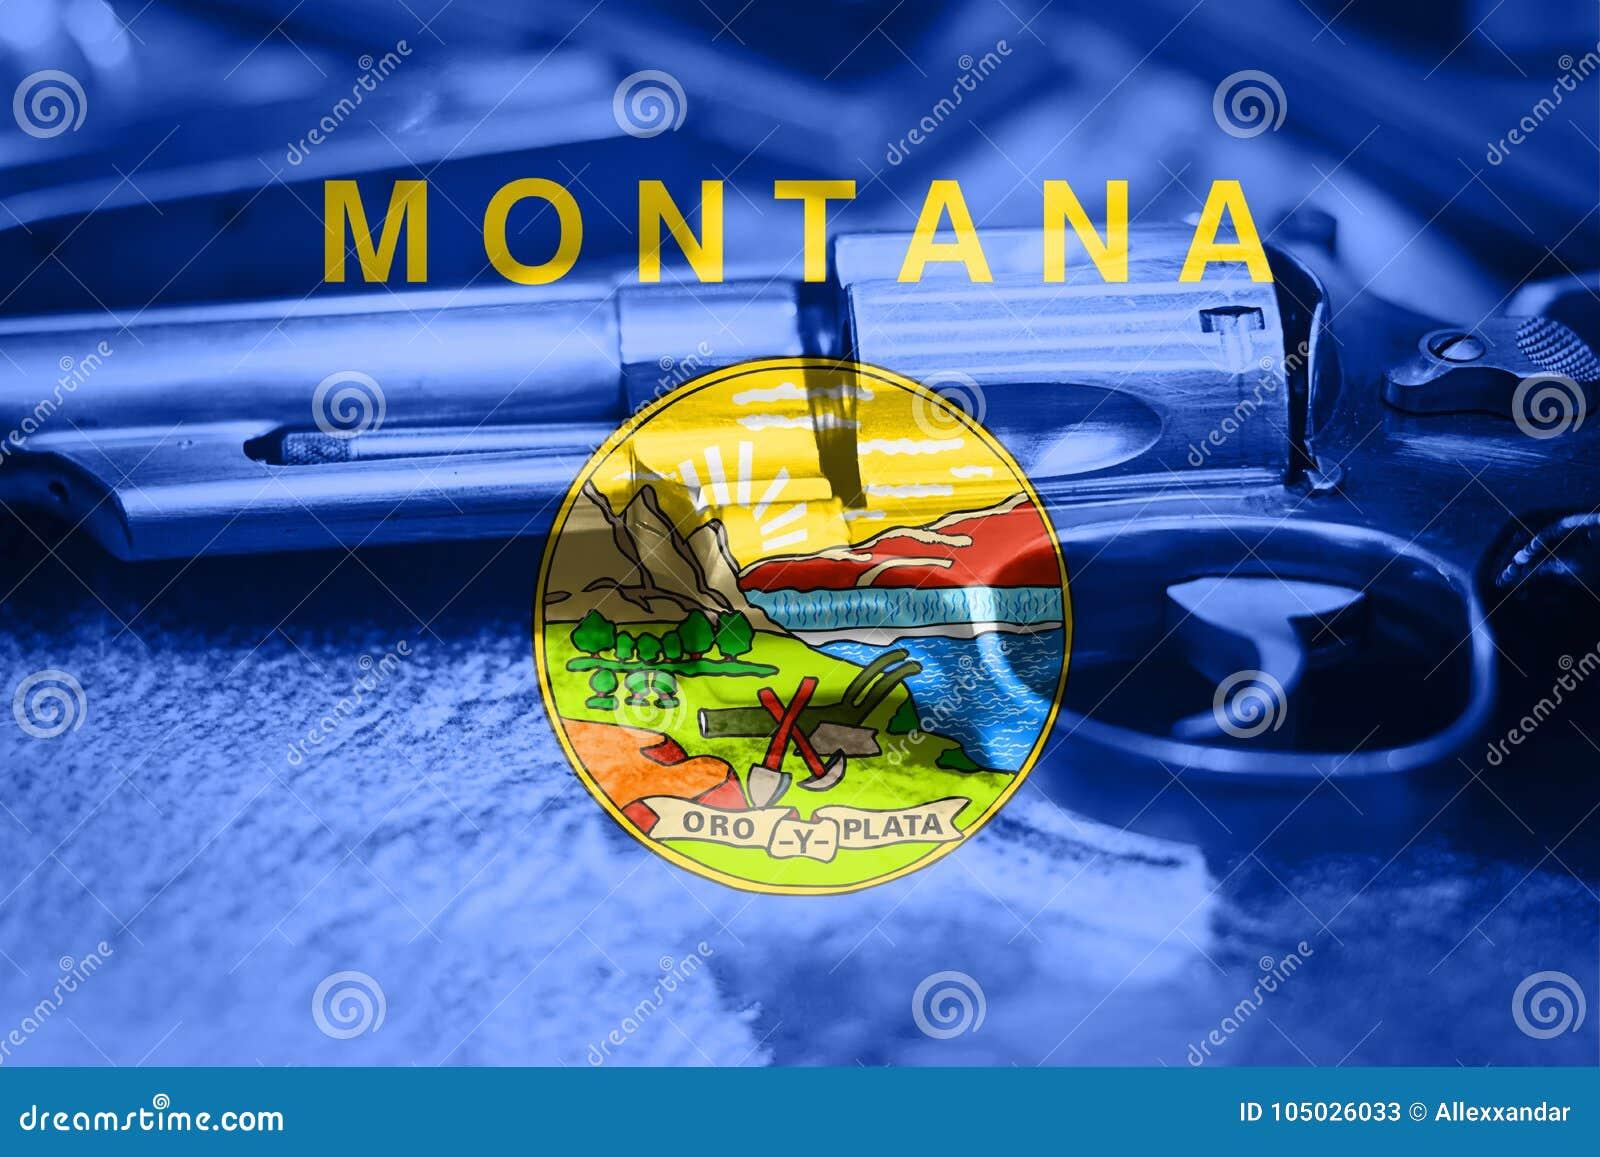 蒙大拿旗子U S 状态枪枝管制美国 美国枪法律